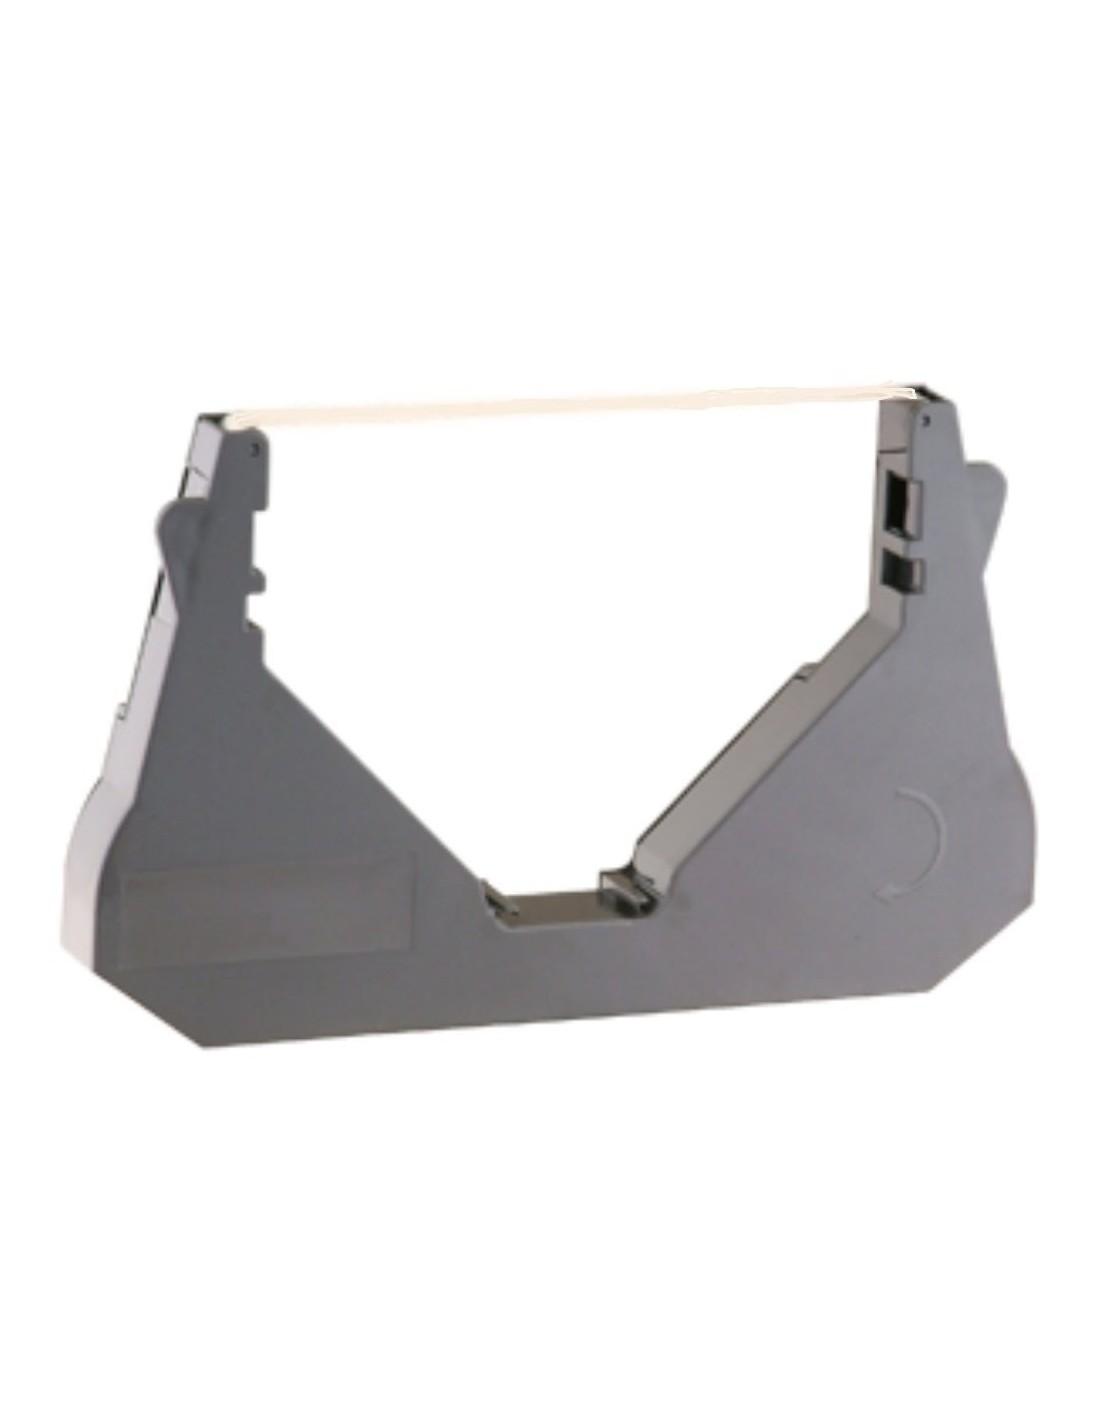 Farbbandfabrik ... Korrekturband Lift-Off für Brother LW 30-5 Stück kompatibel